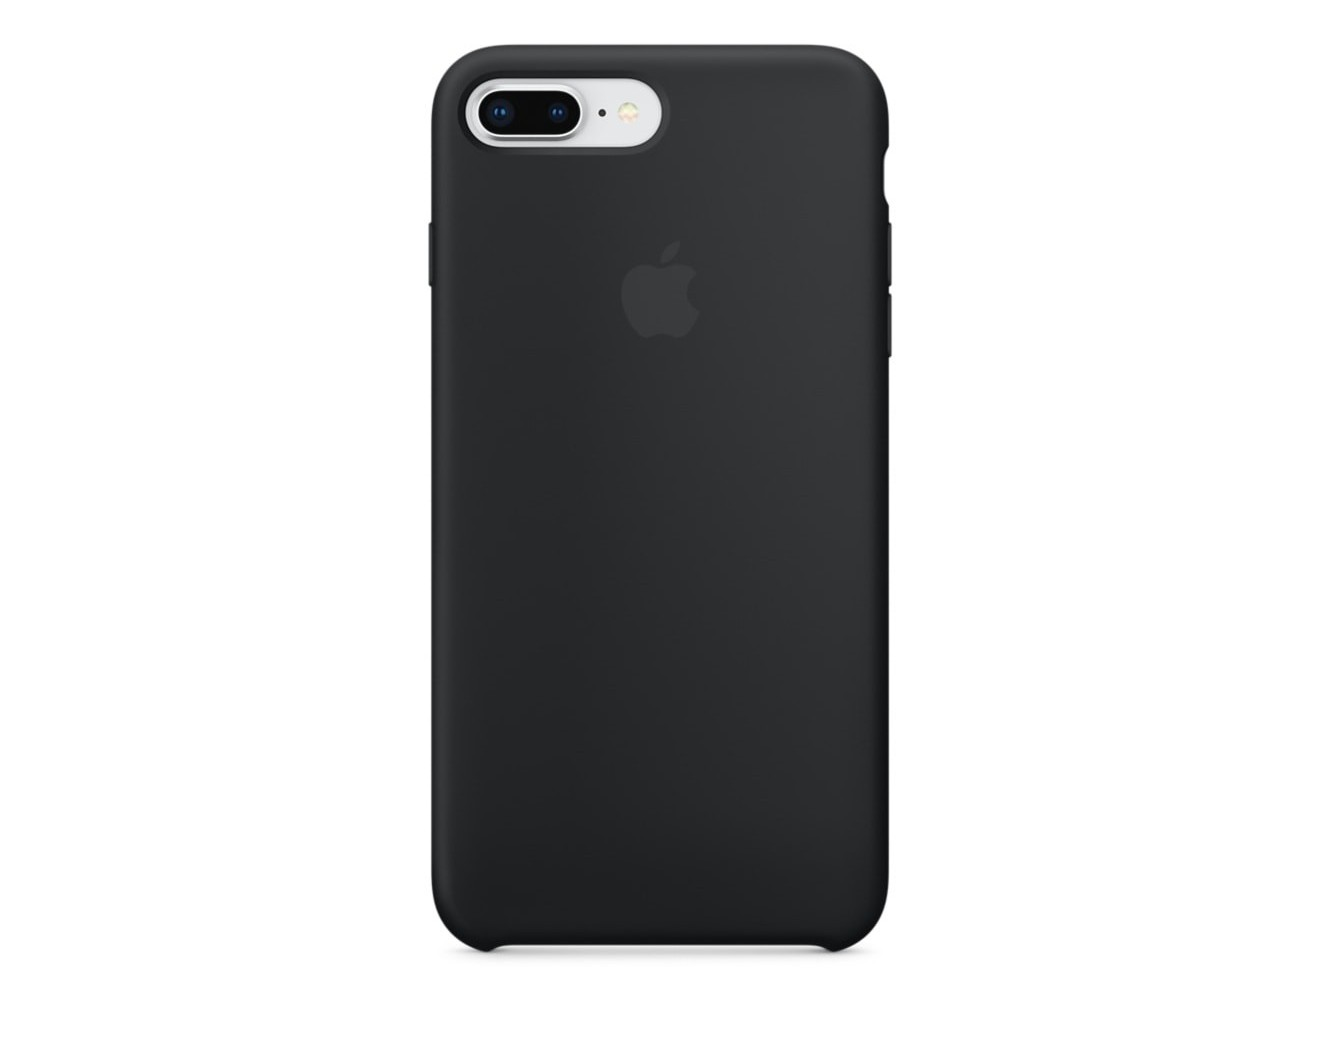 Калъф Apple iPhone 8 Plus / iPhone 7 Plus Silicone Case - Black